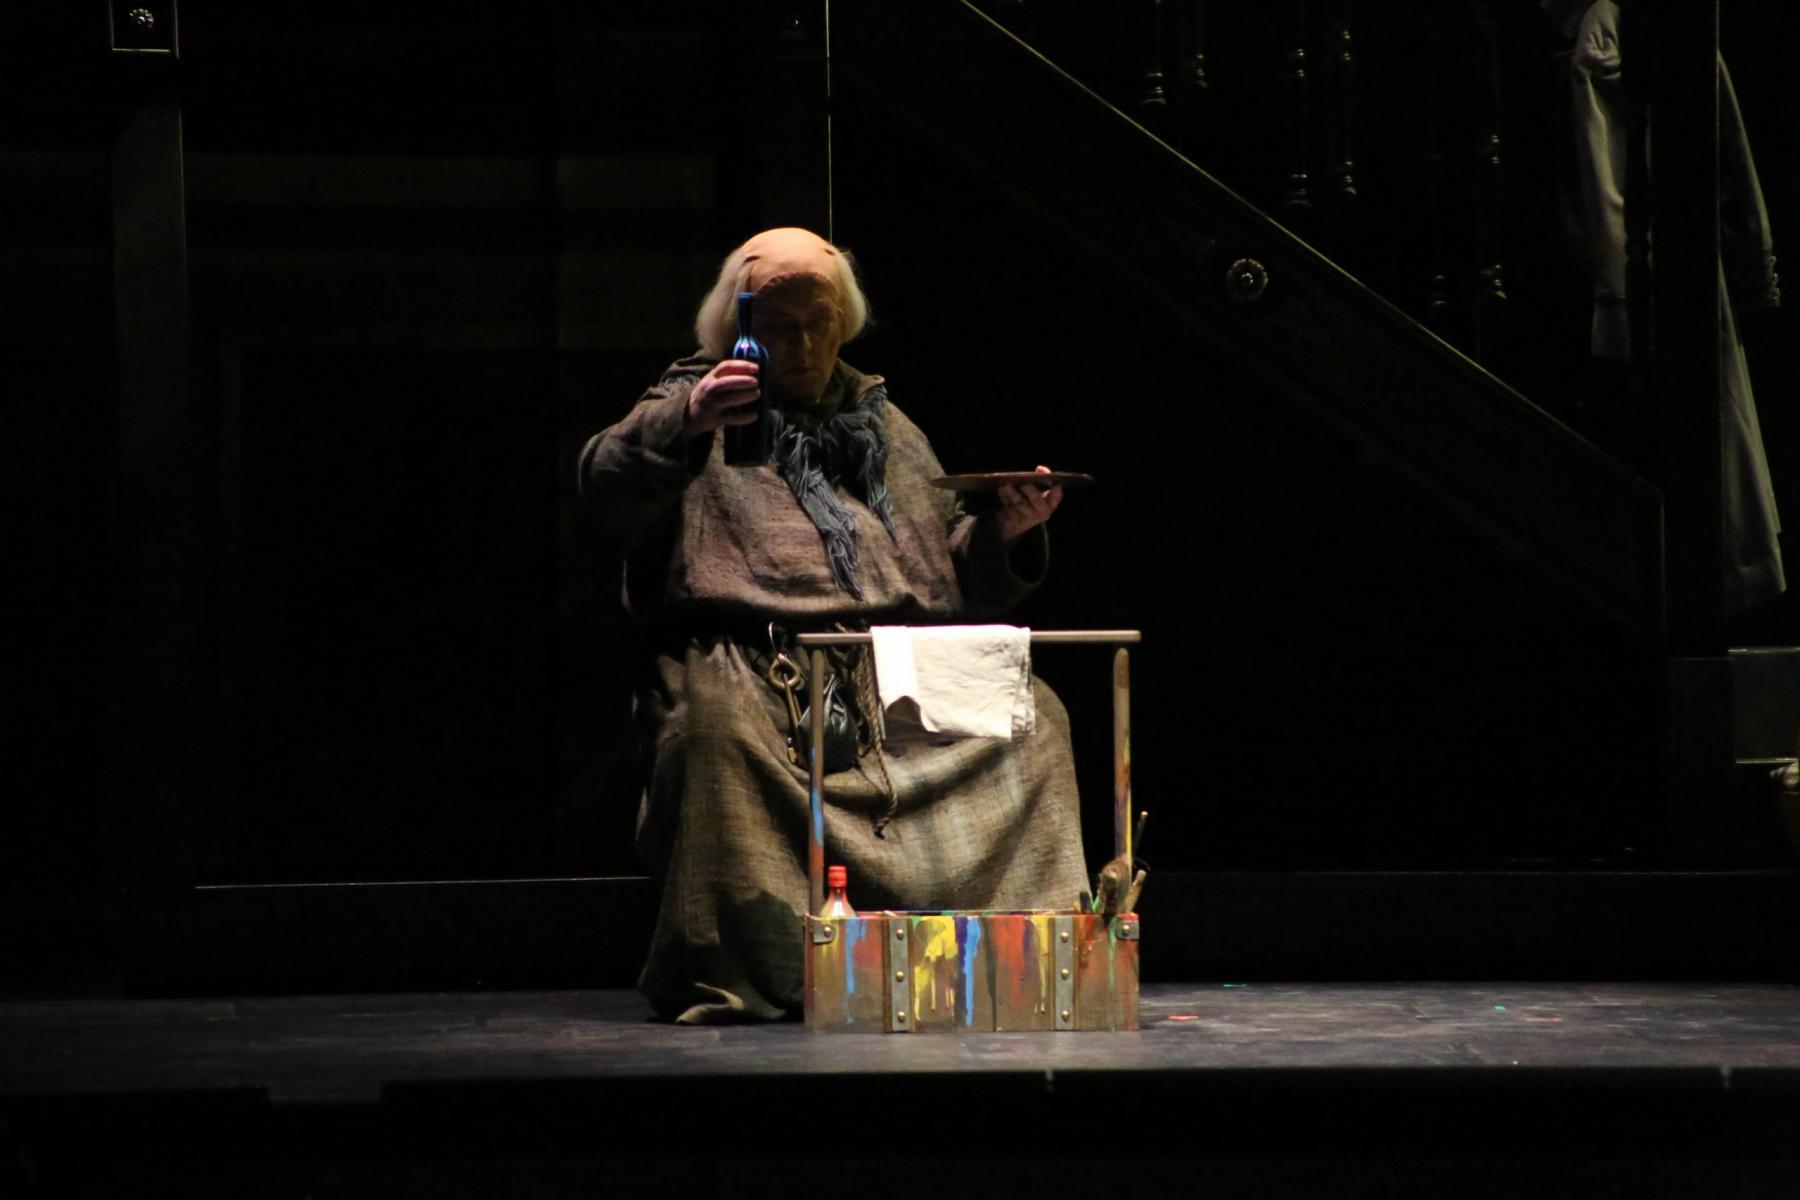 фото В НОВАТе состоялась генеральная репетиция главной премьеры сезона – оперы «Тоска» 6